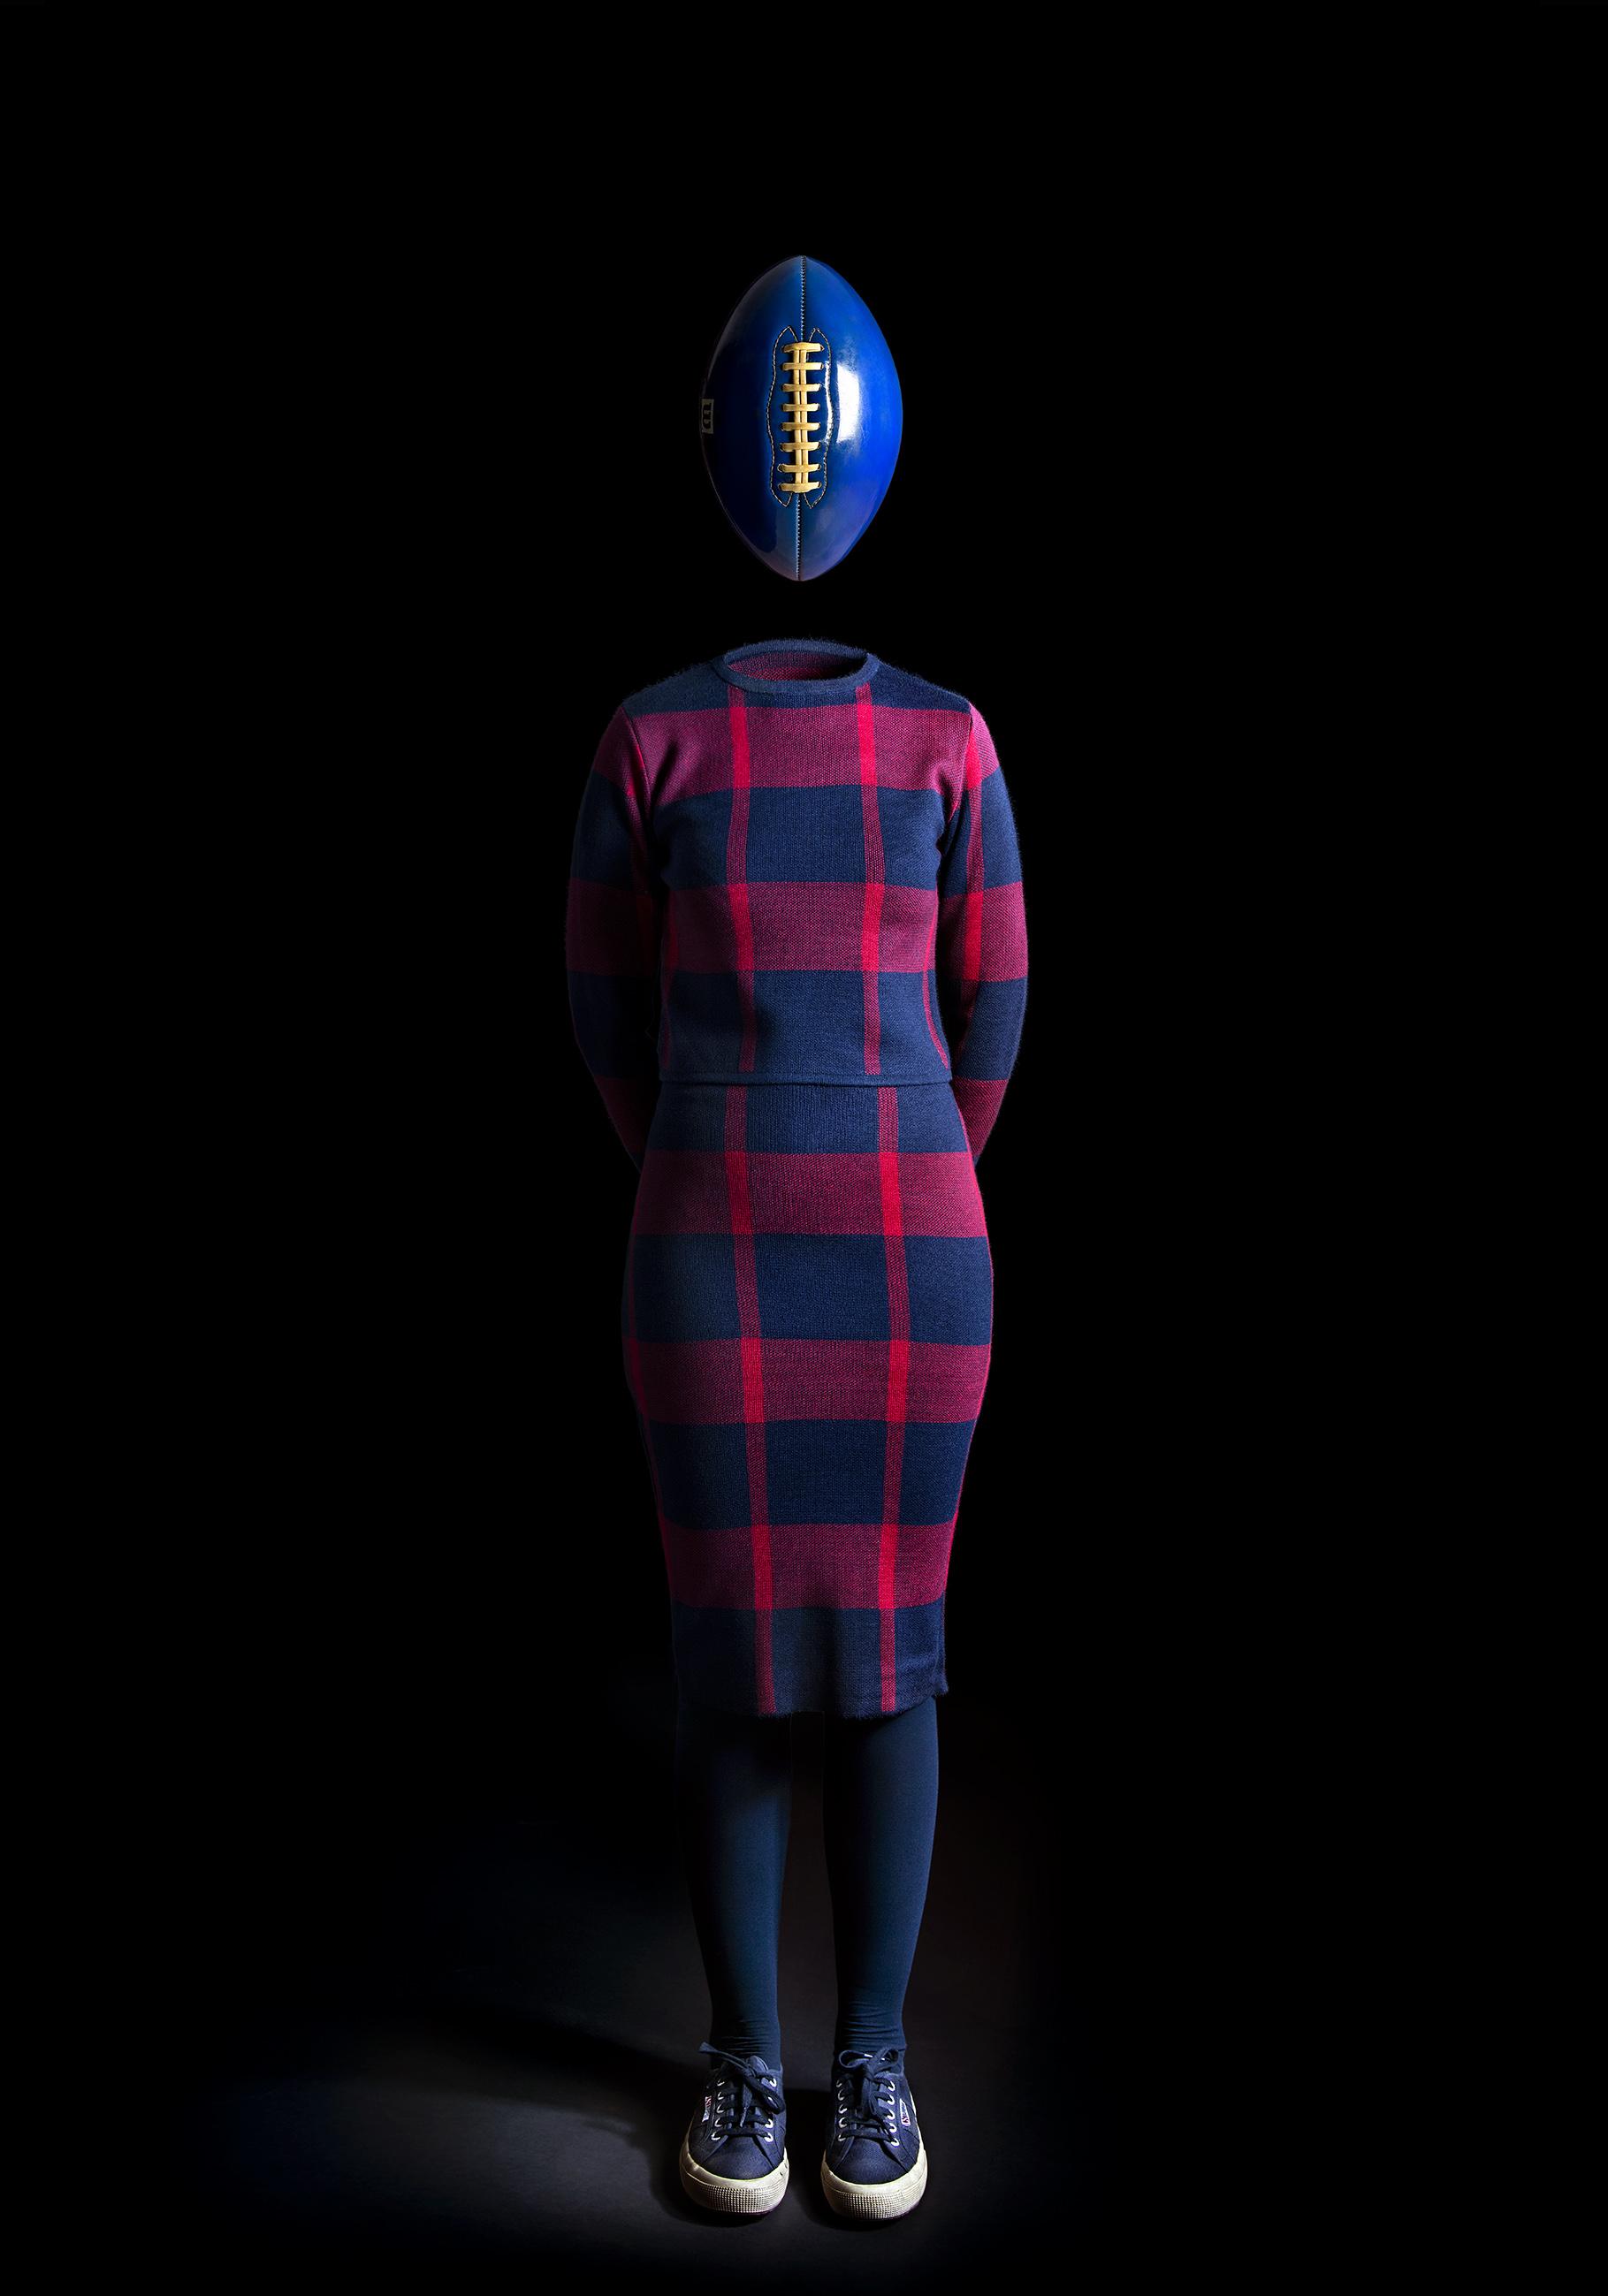 Ceci n'est pas un ballon de rugby